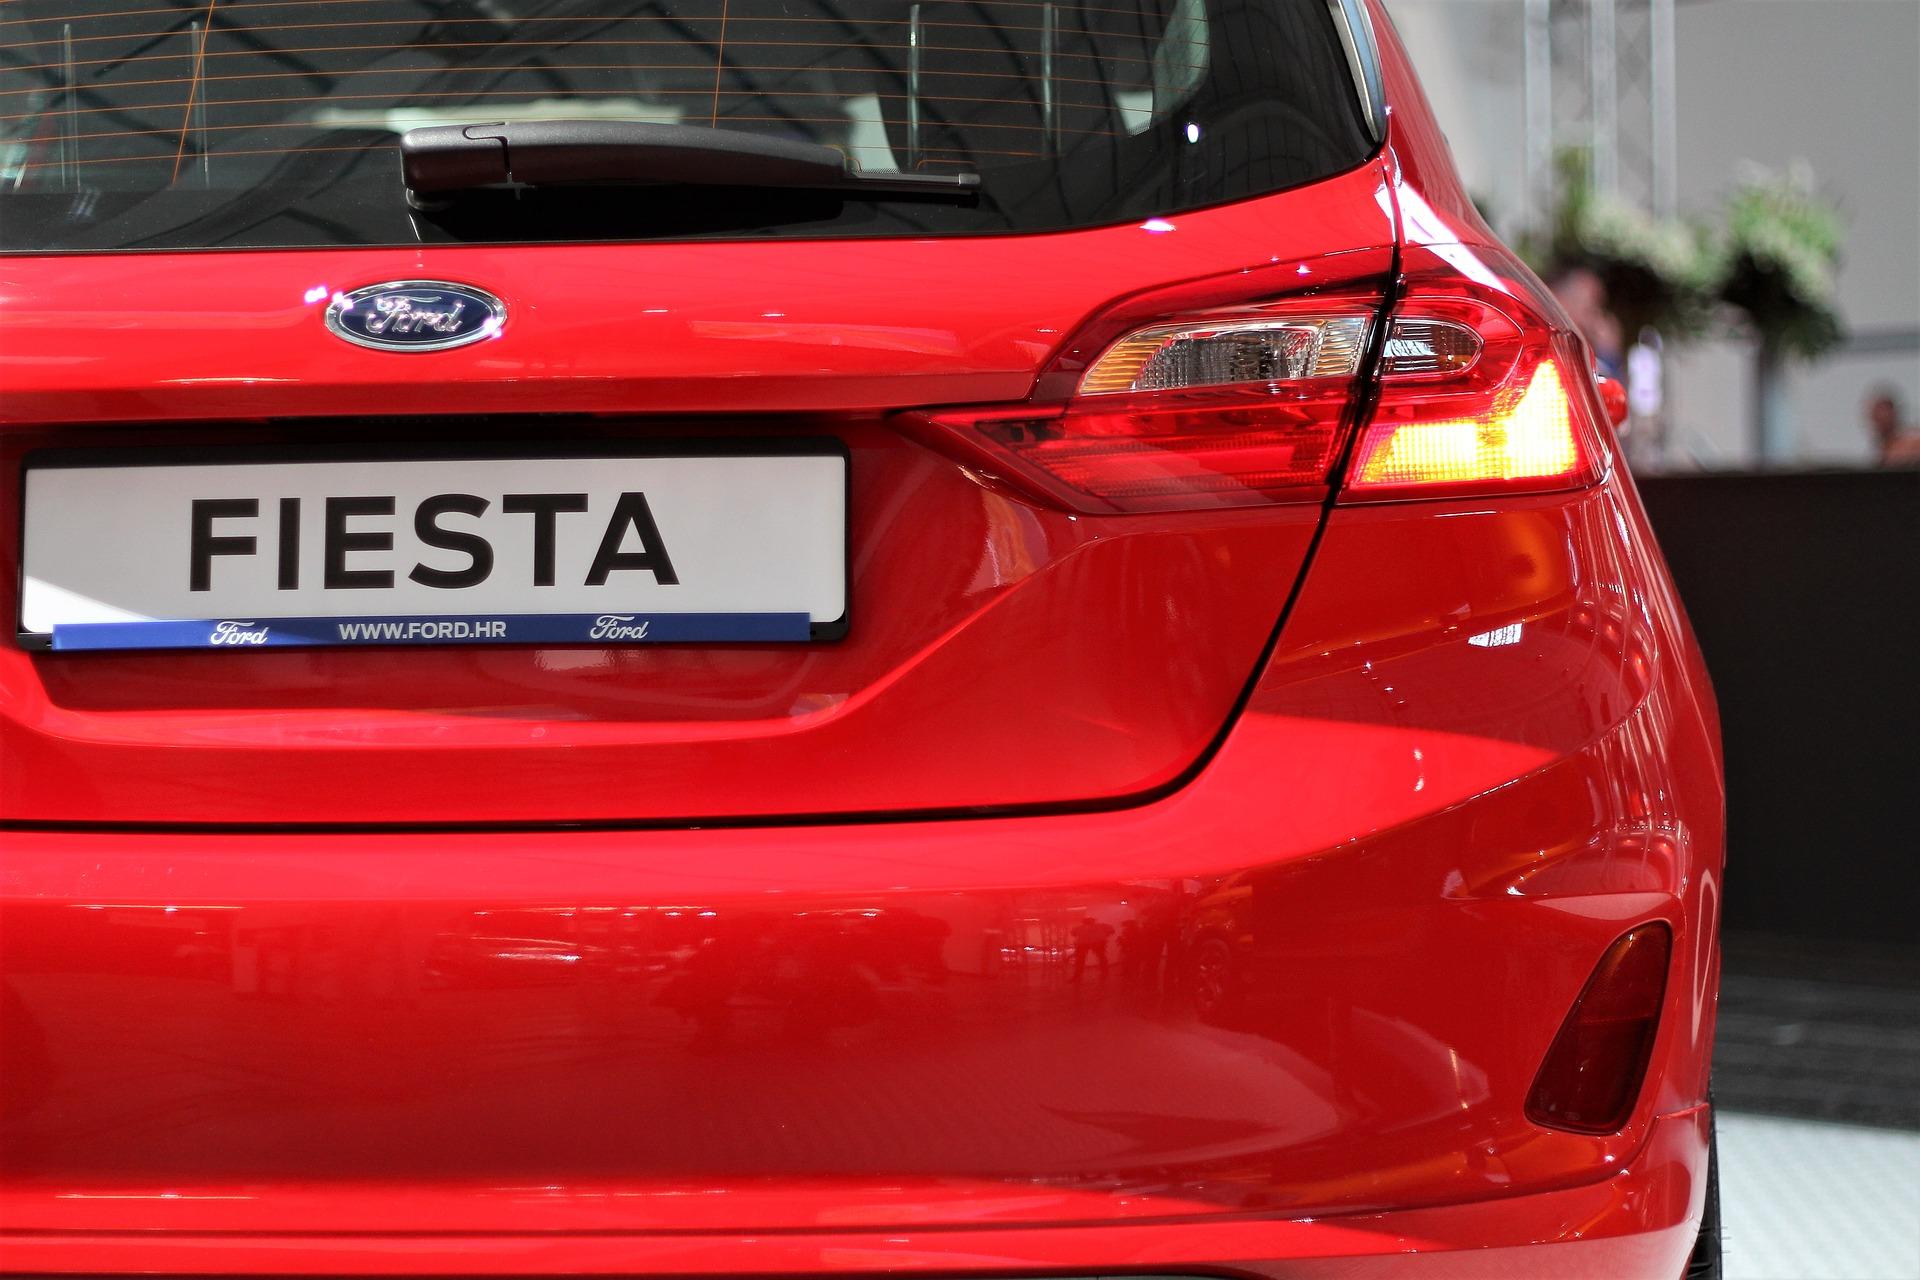 Quels sont les critères à prendre en compte pour choisir une Ford Fiesta?